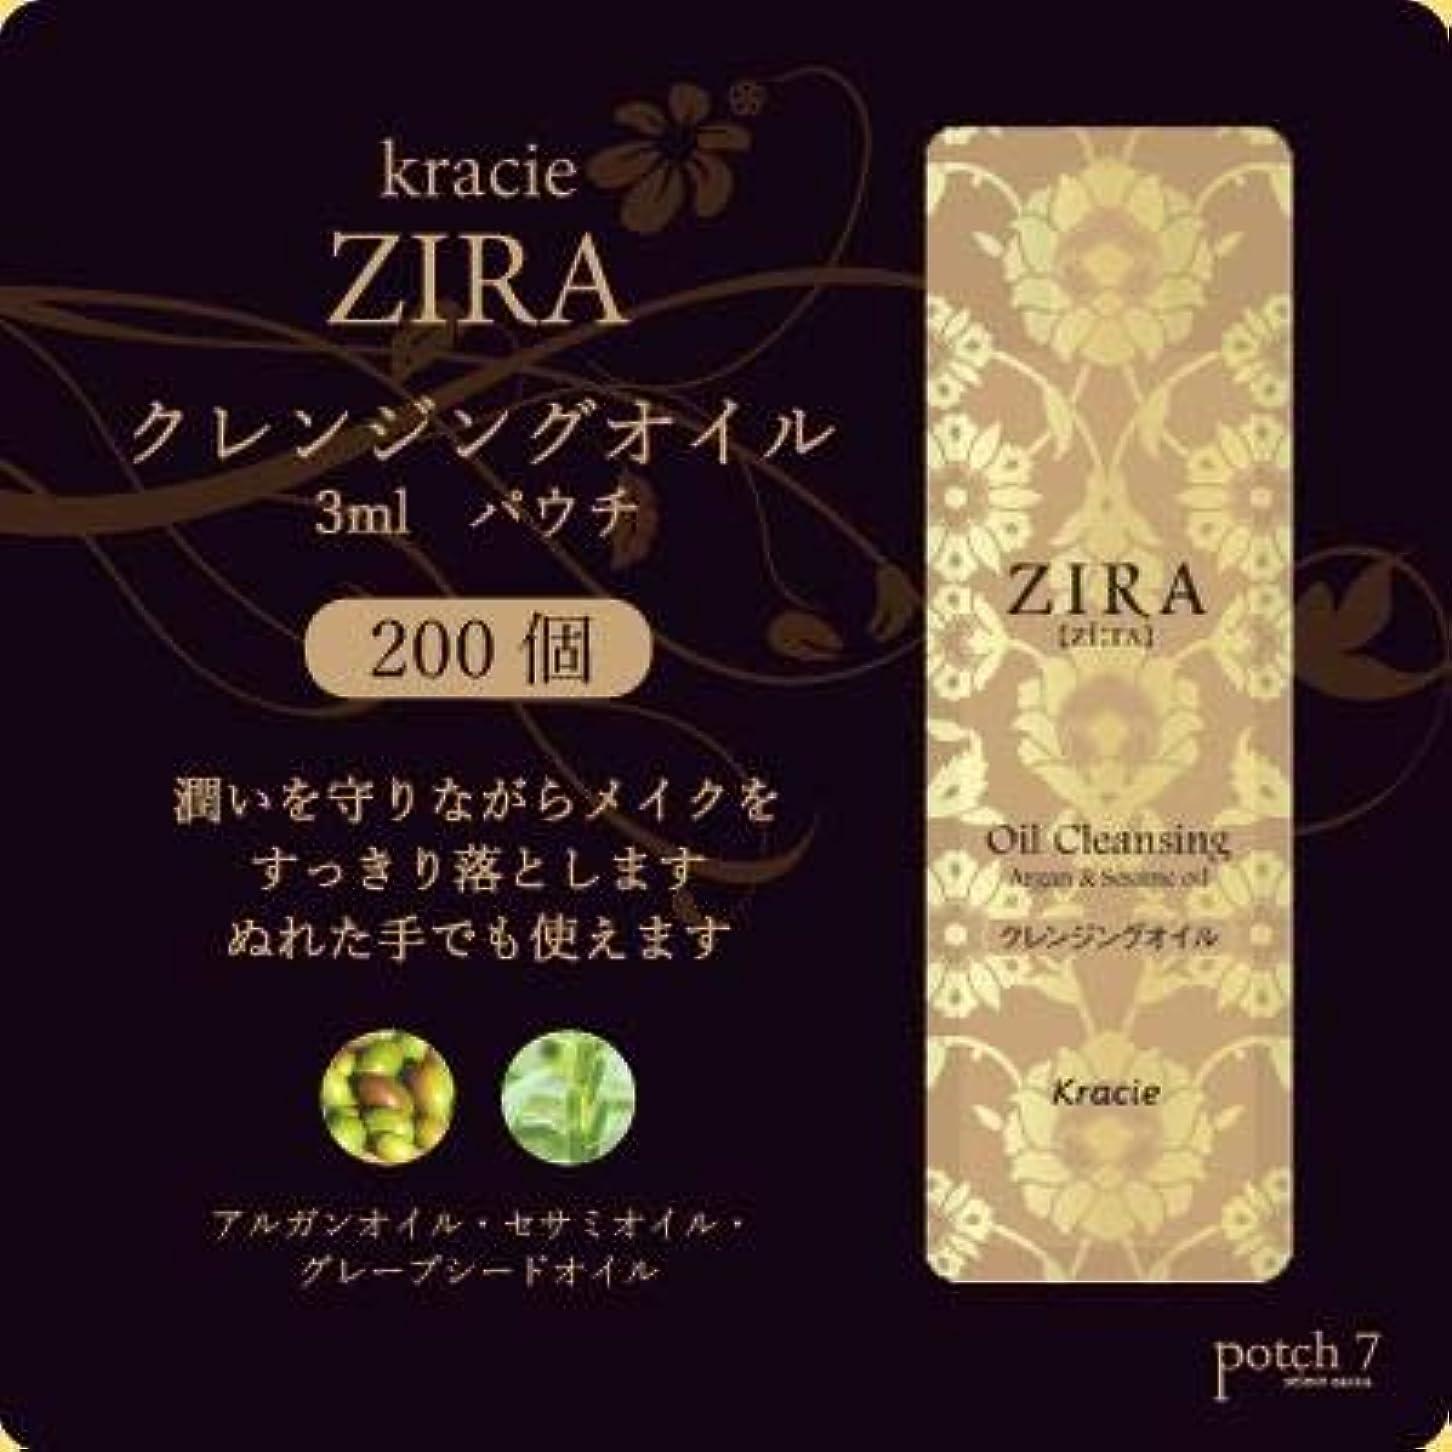 ライオンピザ機会Kracie クラシエ ZIRA ジーラ クレンジングオイル パウチ 3ml 200個入